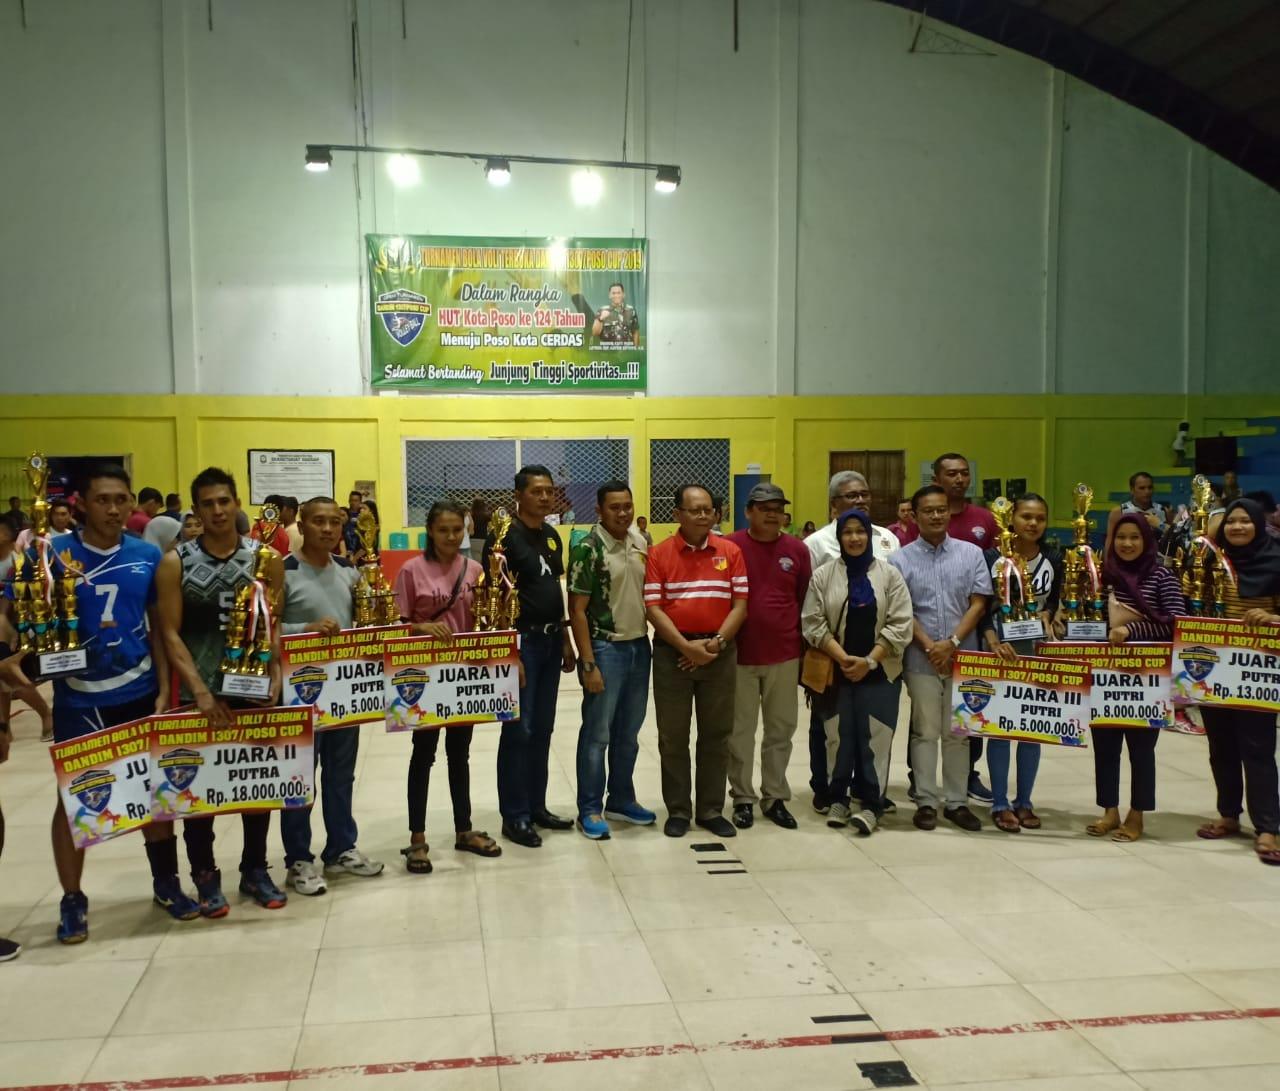 Kampus Untad Dan Sari Club Palu Juara Bola Voli Dandim 1307